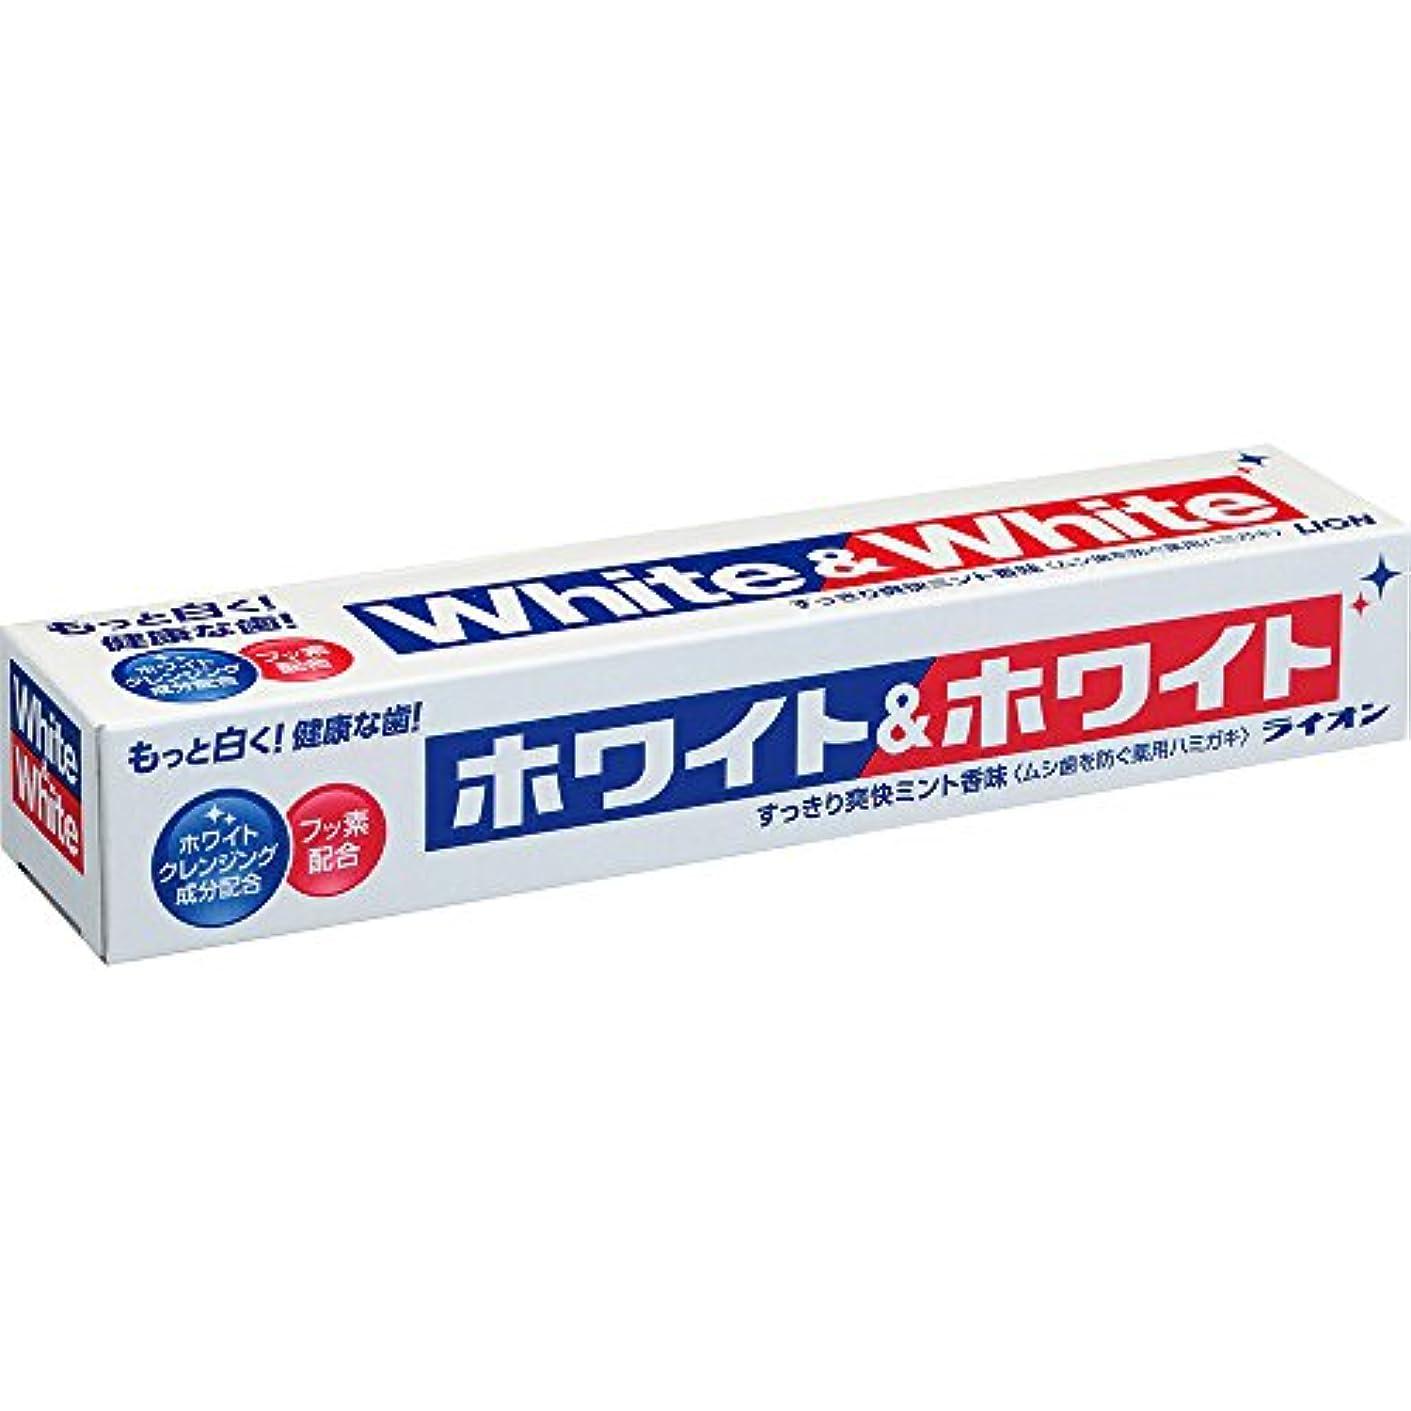 ソブリケット不信チョップライオン ホワイト&ホワイト 150g